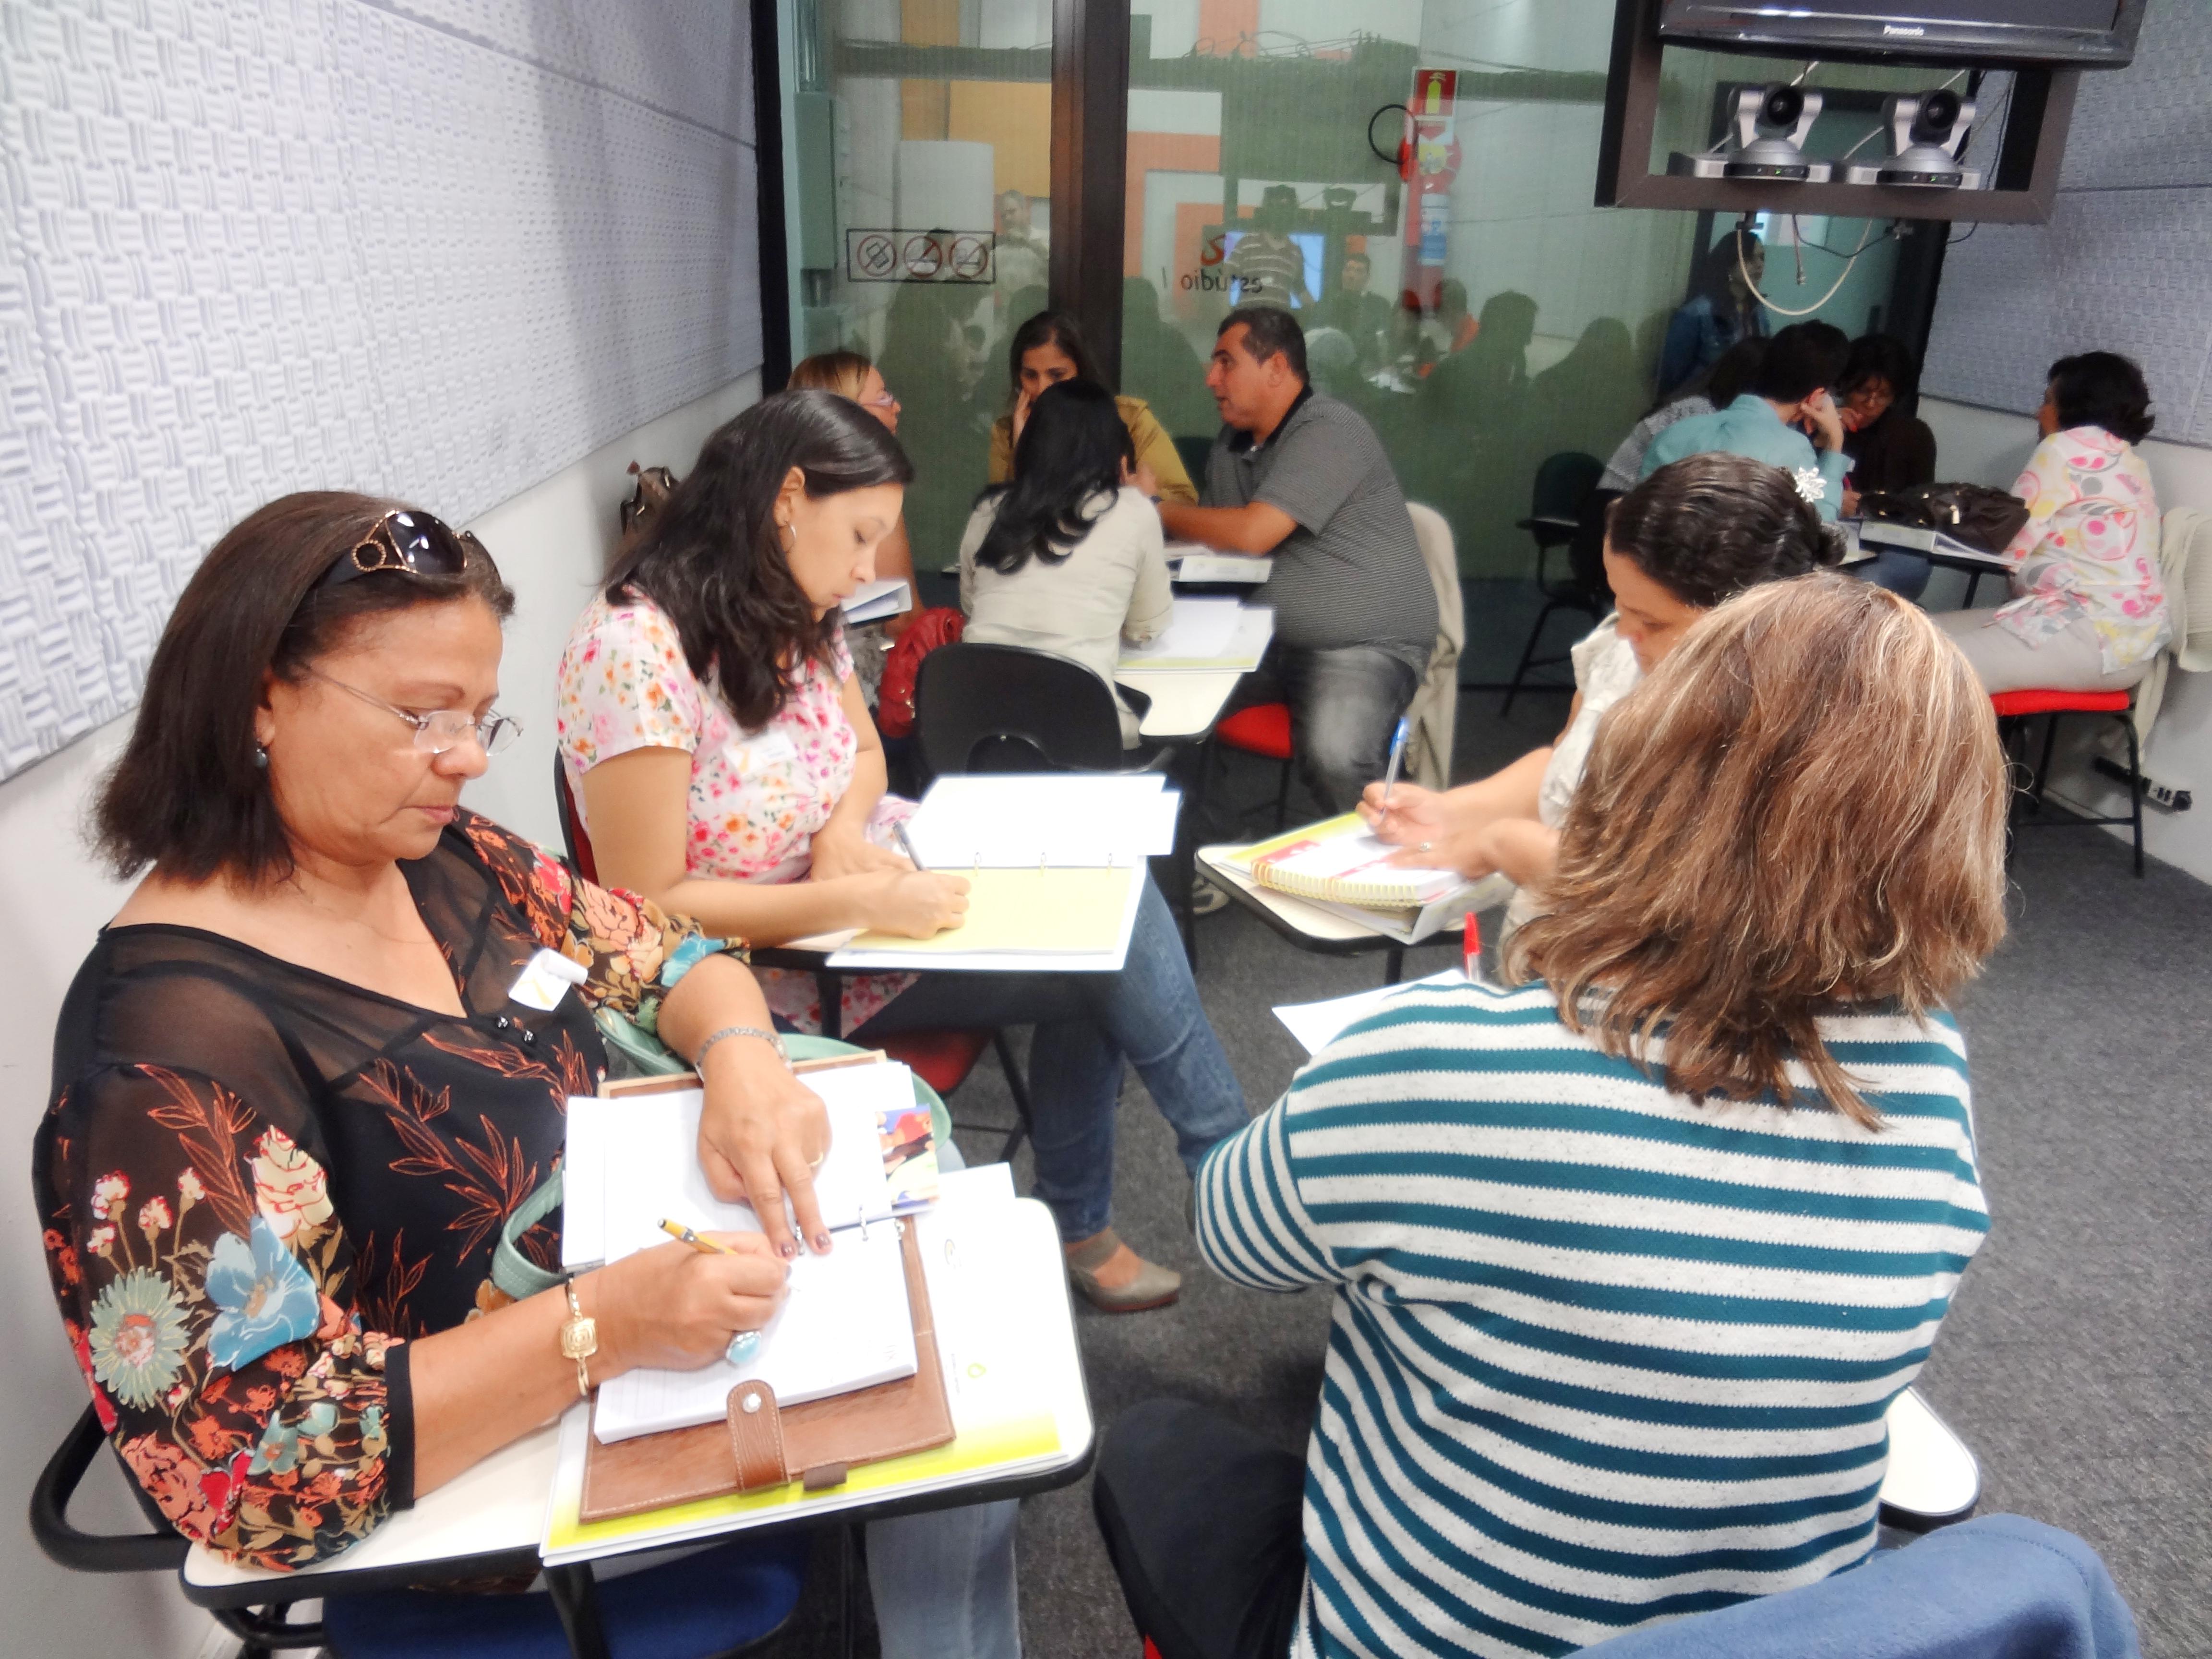 Divididos em quartetos dispostos pela sala, homens e mulheres fazem anotações em seus cadernos e conversam entre seus grupos. Eles estão sentados em cadeiras universitárias.